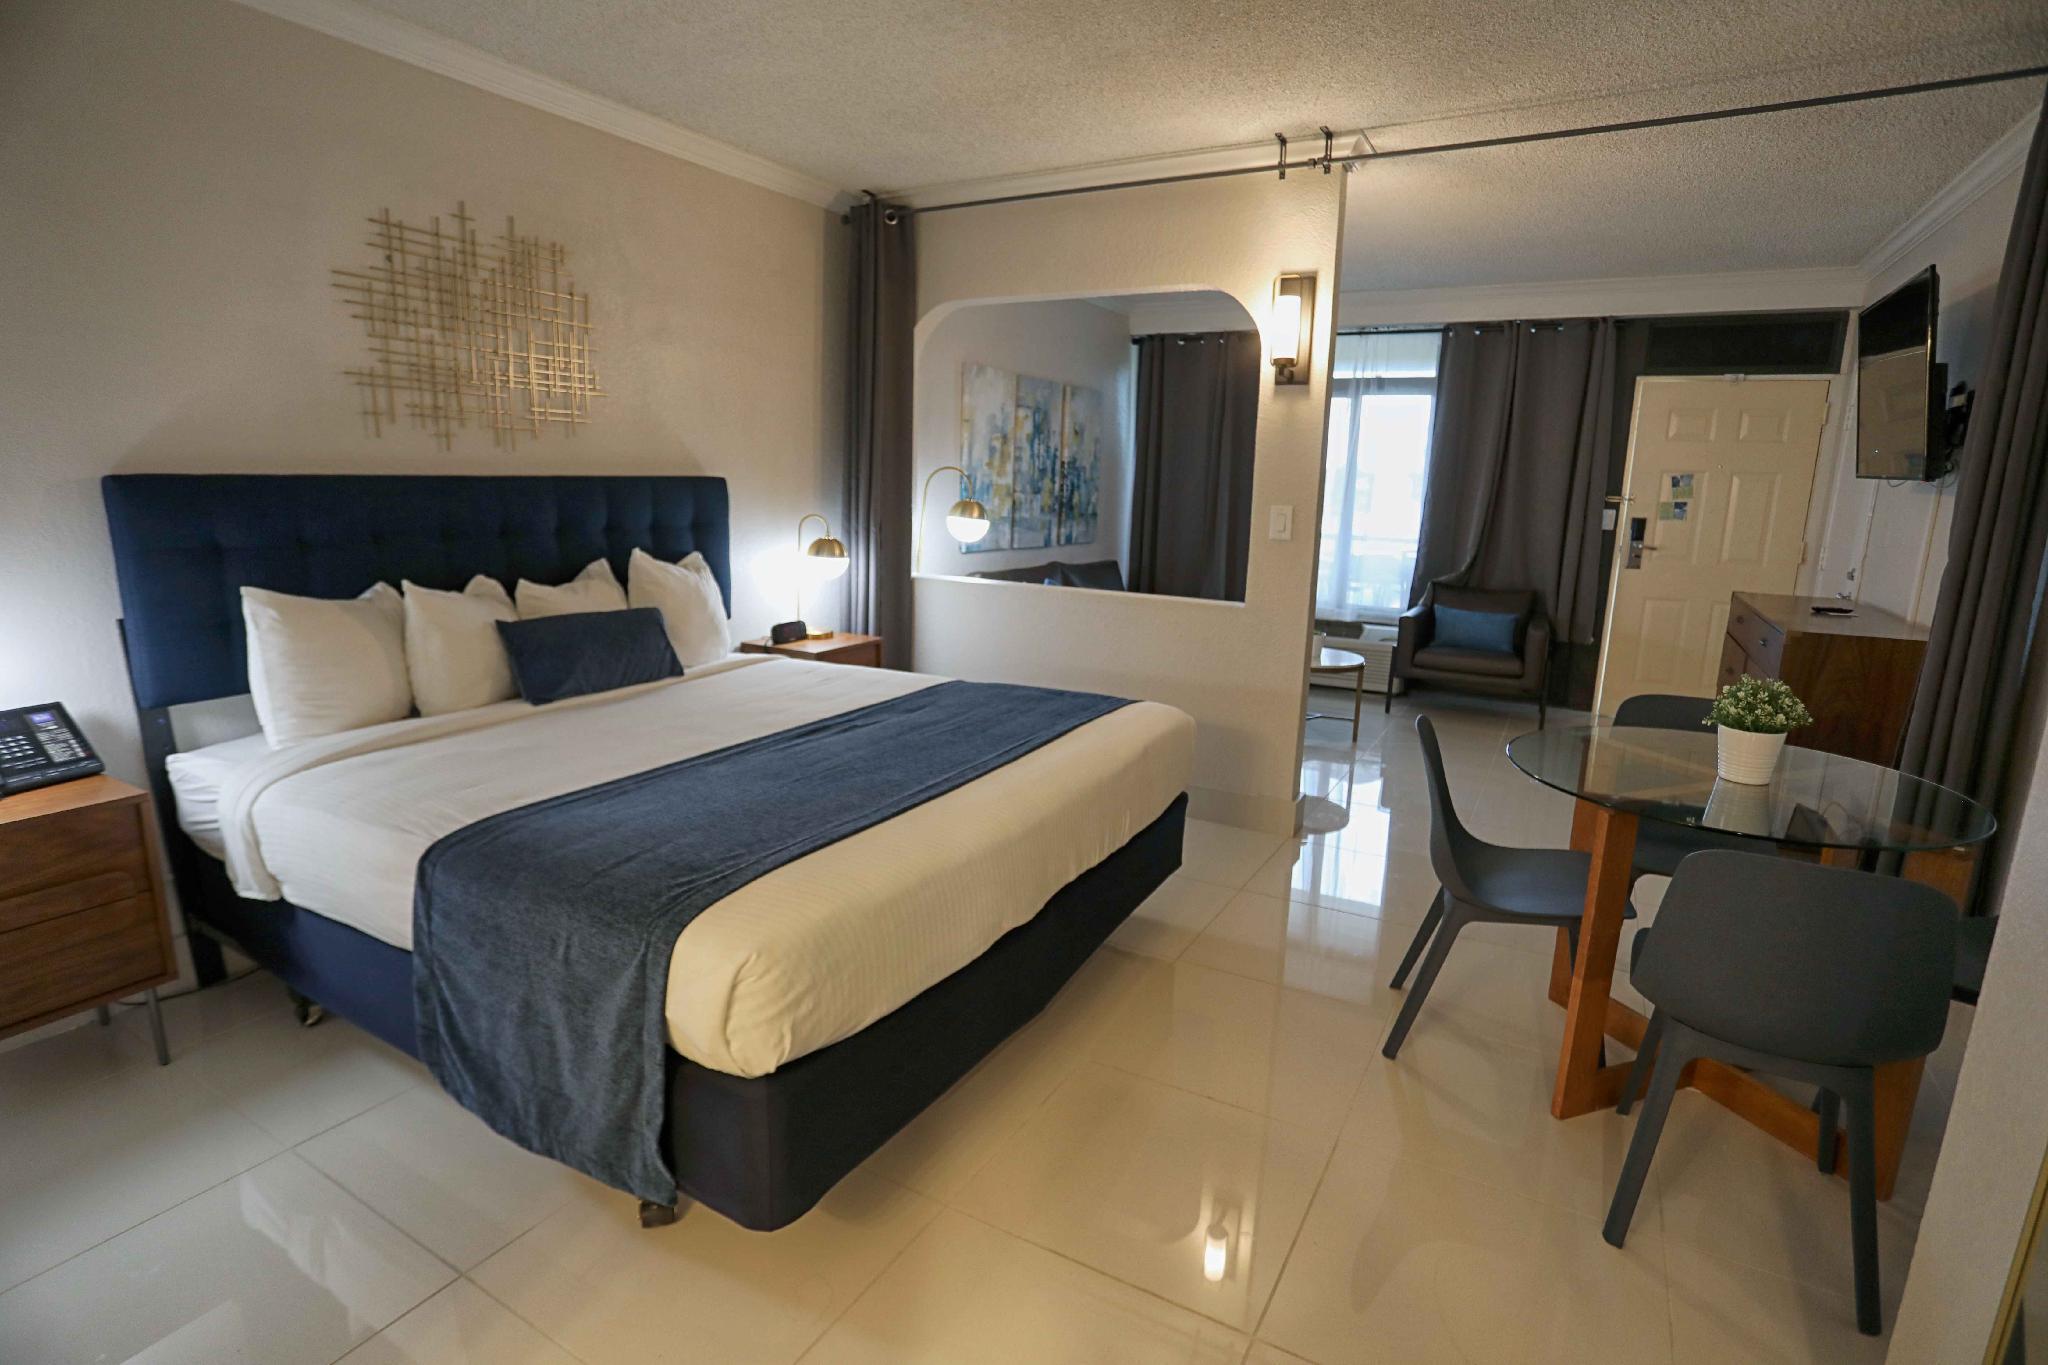 Beter Bed Slaapbank Driver.Boca Raton Plaza Hotel Suites Boca Raton Boek Een Aanbieding